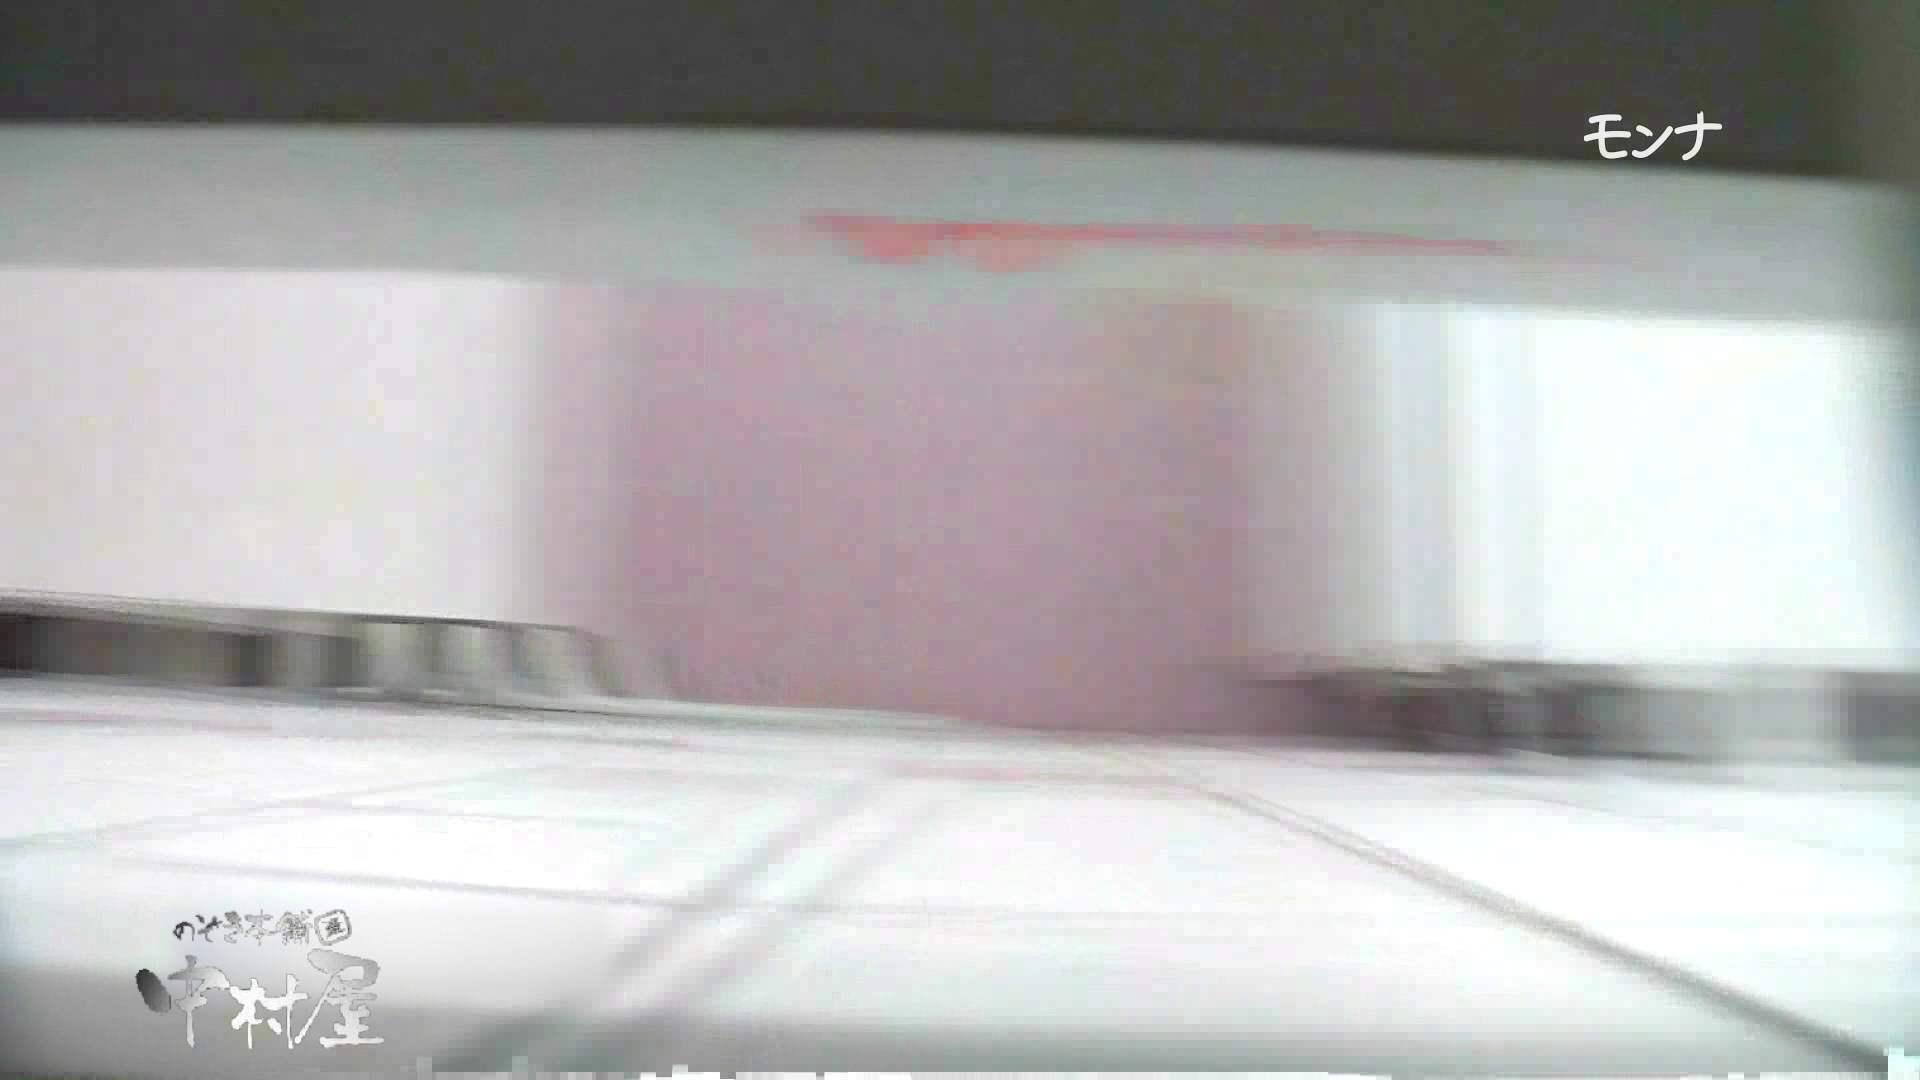 【美しい日本の未来】遂に!!戸田恵梨香似の予告モデル登場ダッシュで「大」後編 おまんこ見放題  101PIX 94